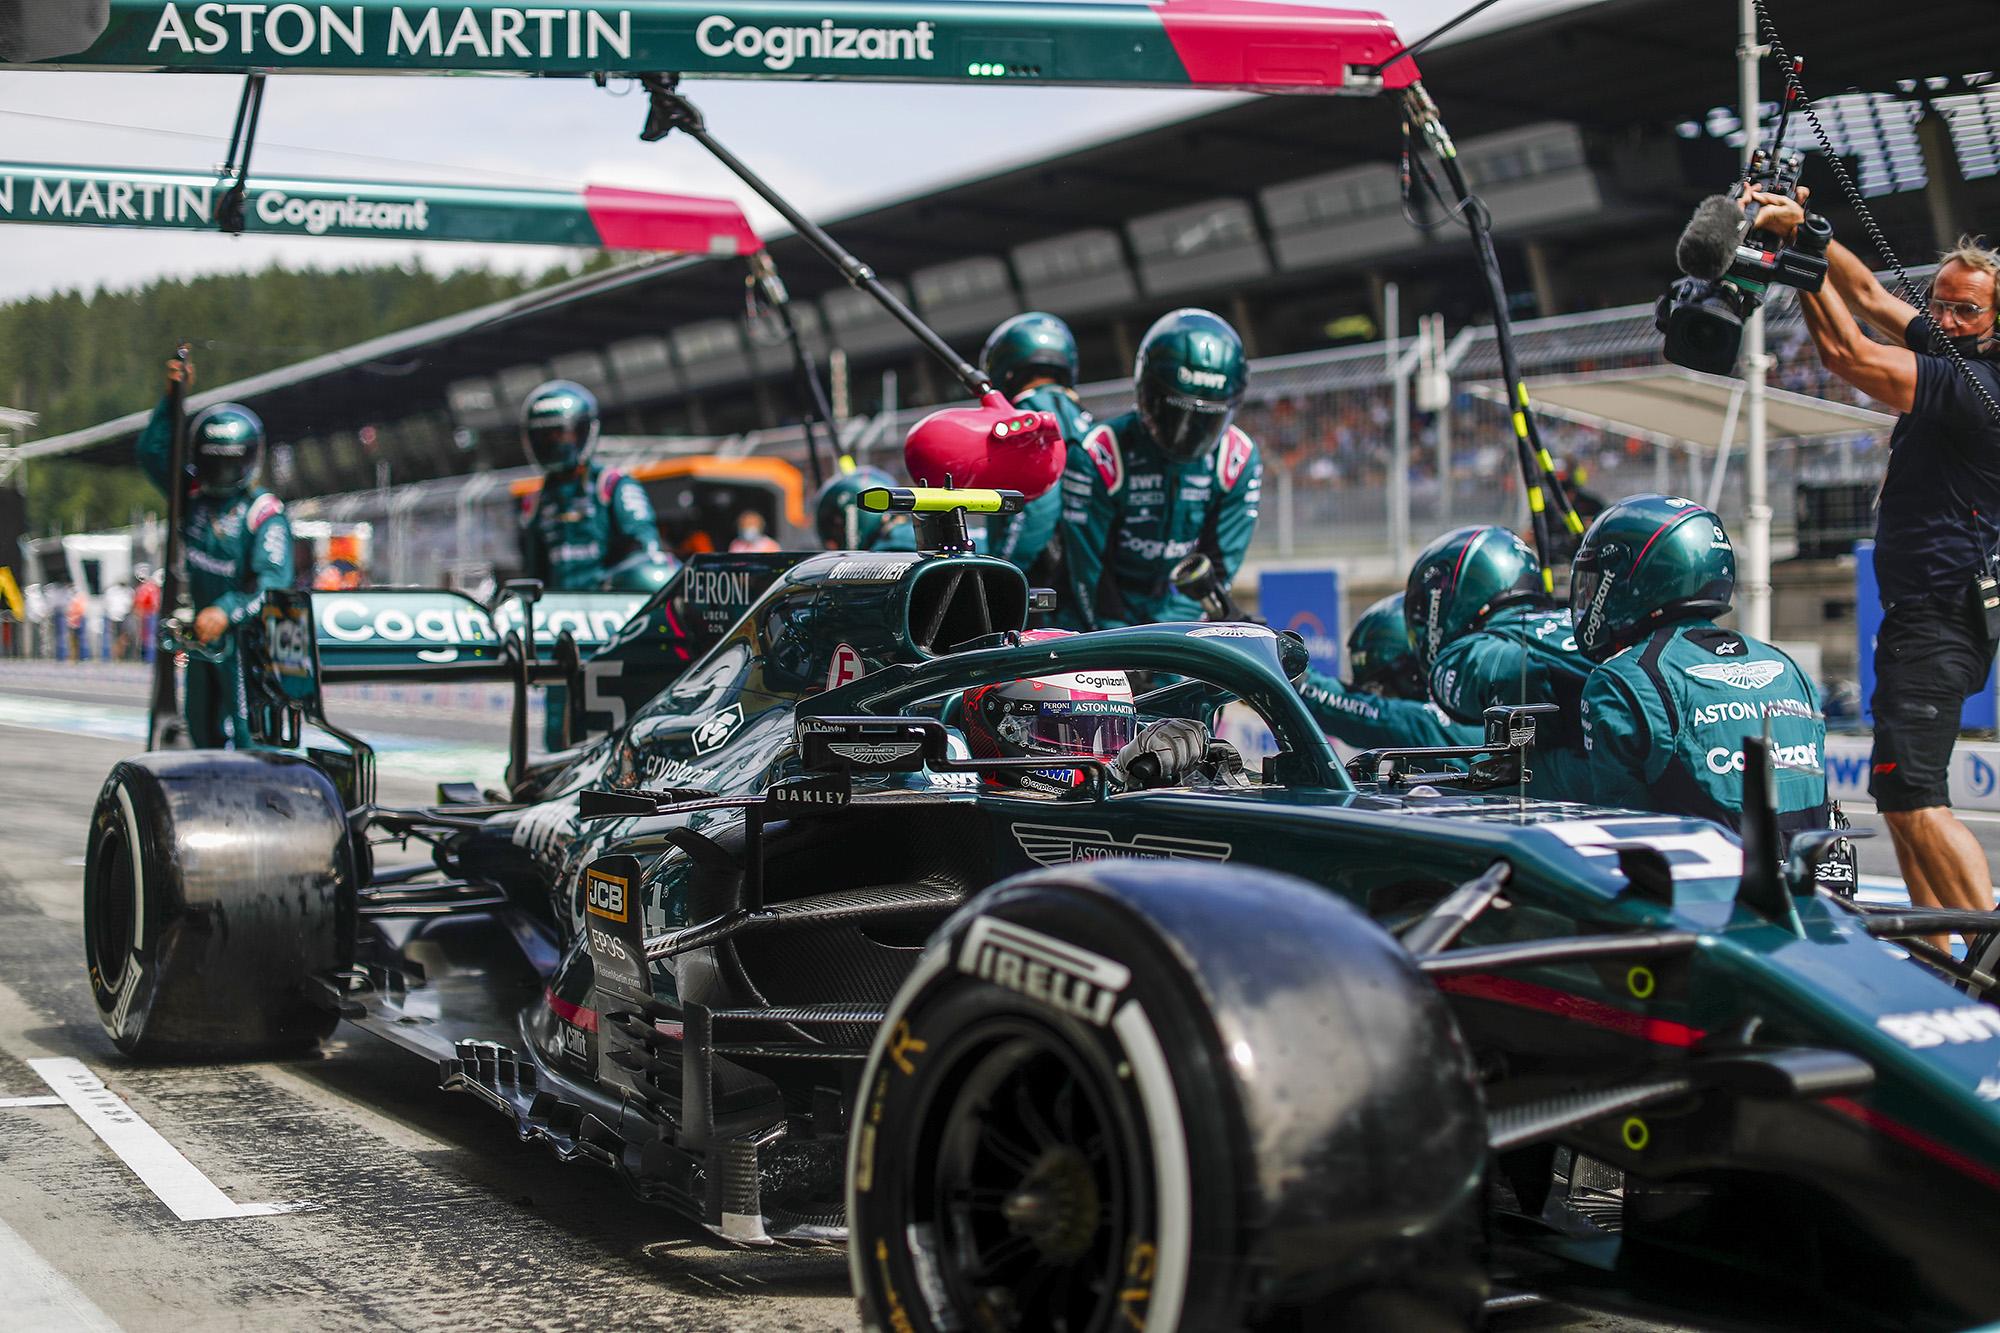 Aston Martin de Sebastian Vettel em um pit stop